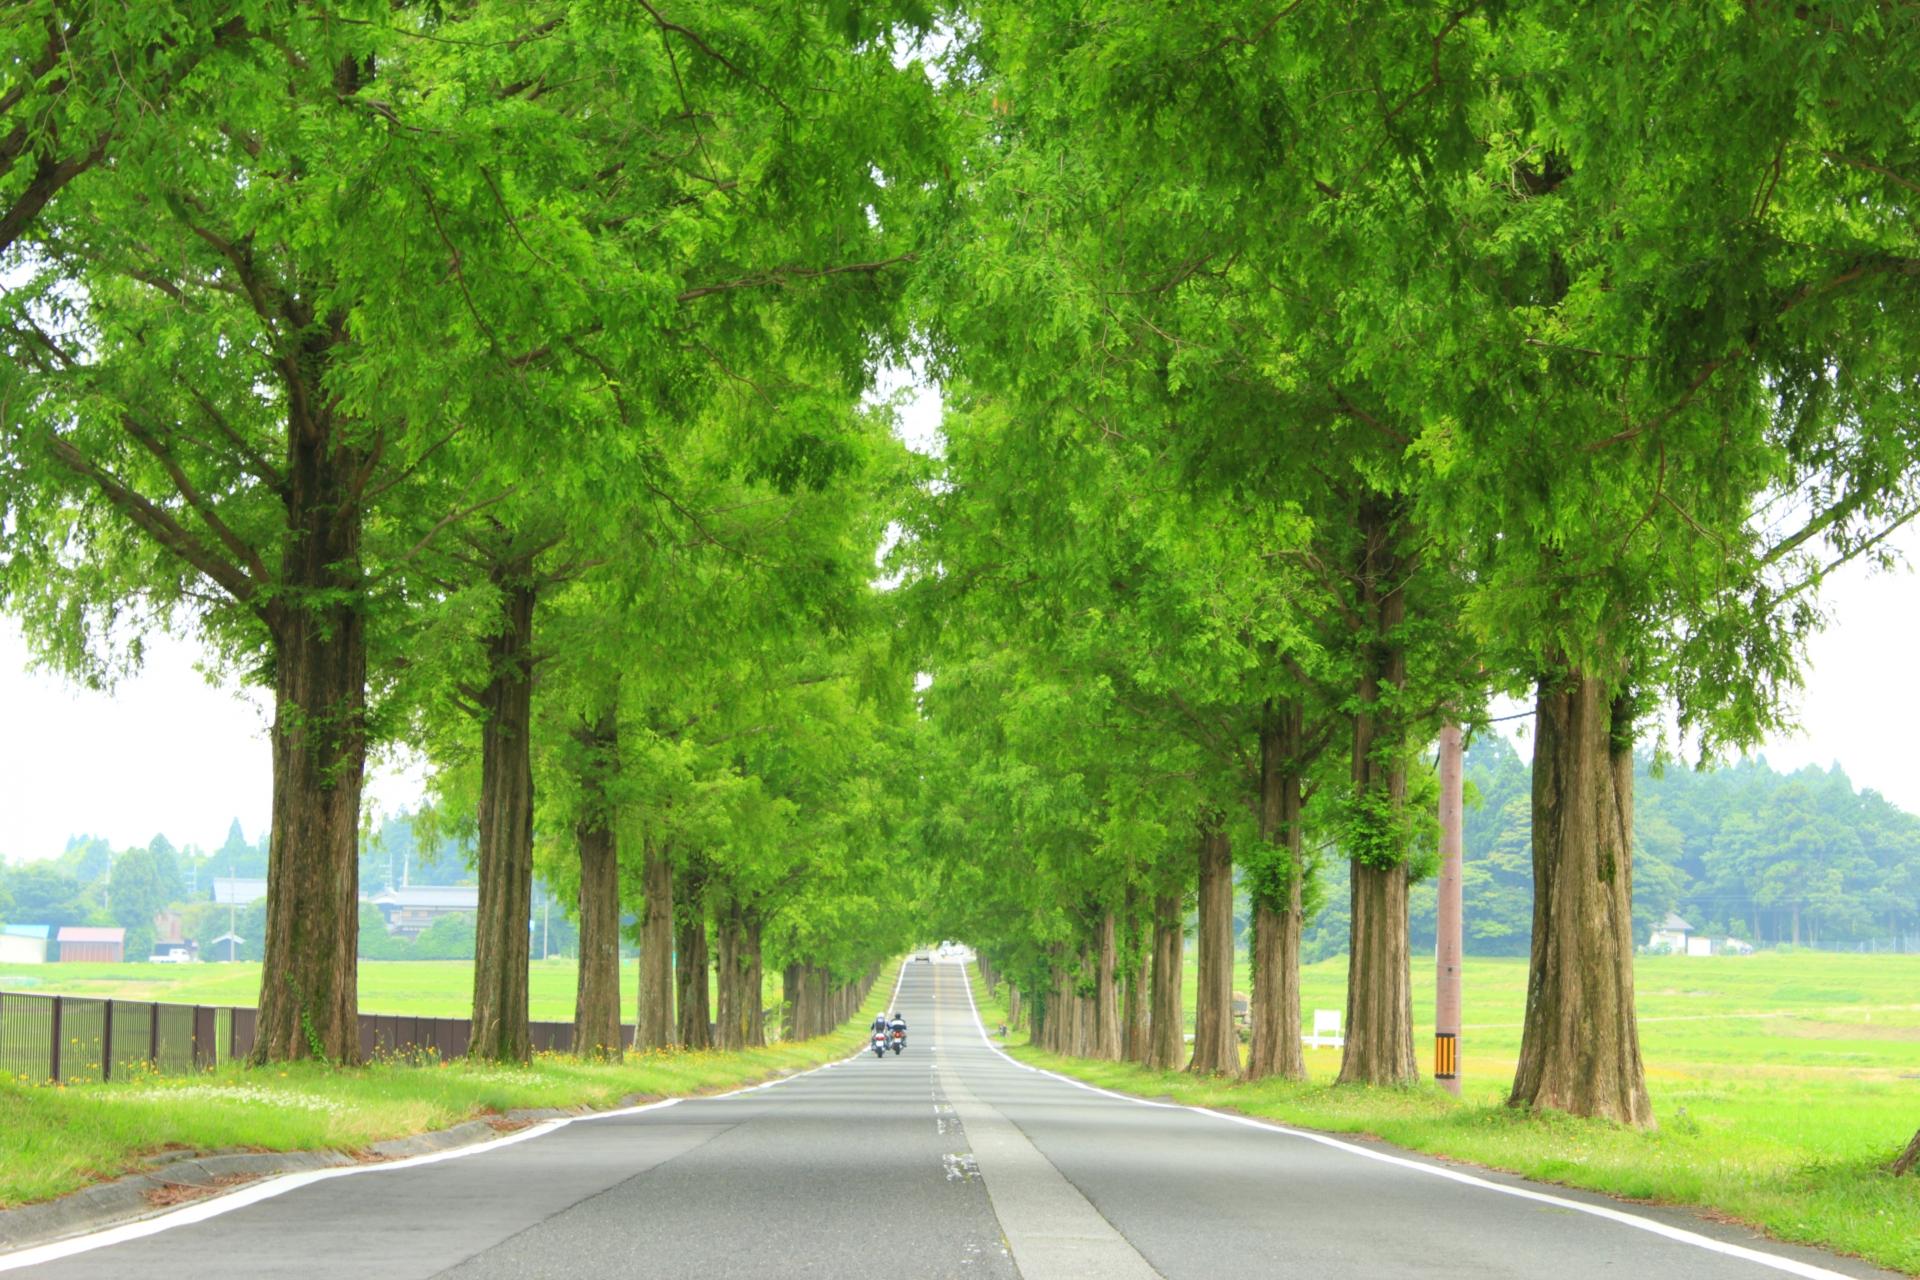 518817_m 滋賀県  メタセコイア並木(約2.4km続く絶景のメタセコイア並木! 新緑の季節におすすめのスポット。 写真の紹介、アクセス情報や駐車場情報など)